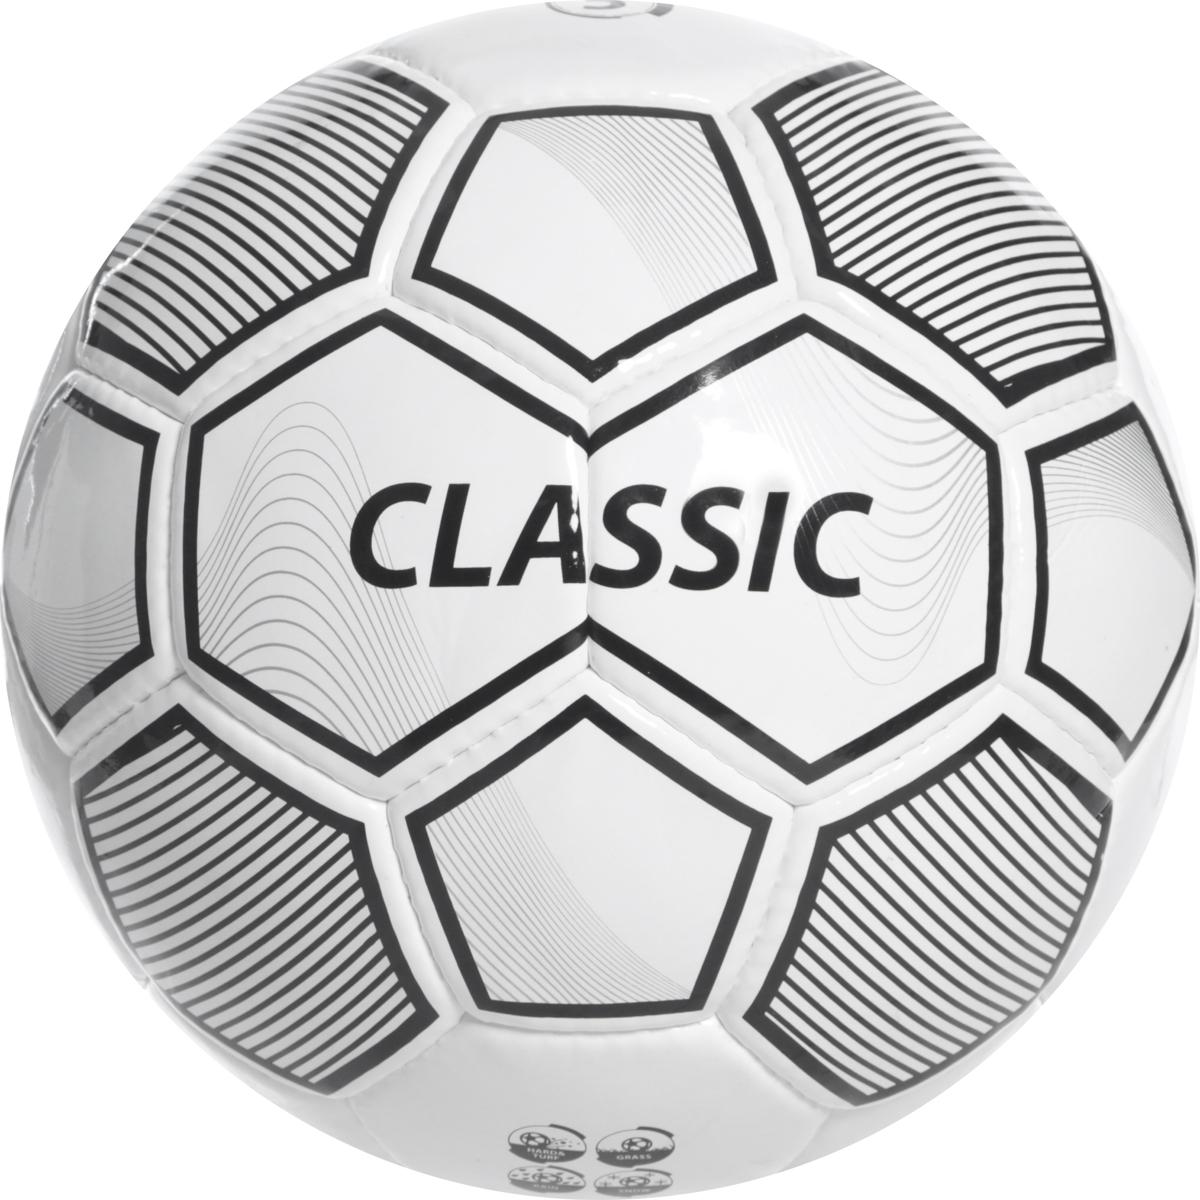 Мяч футбольный Torres Classic, цвет: белый, серый, черный. Размер 5 мяч футбольный torres vision evolution fifa размер 5